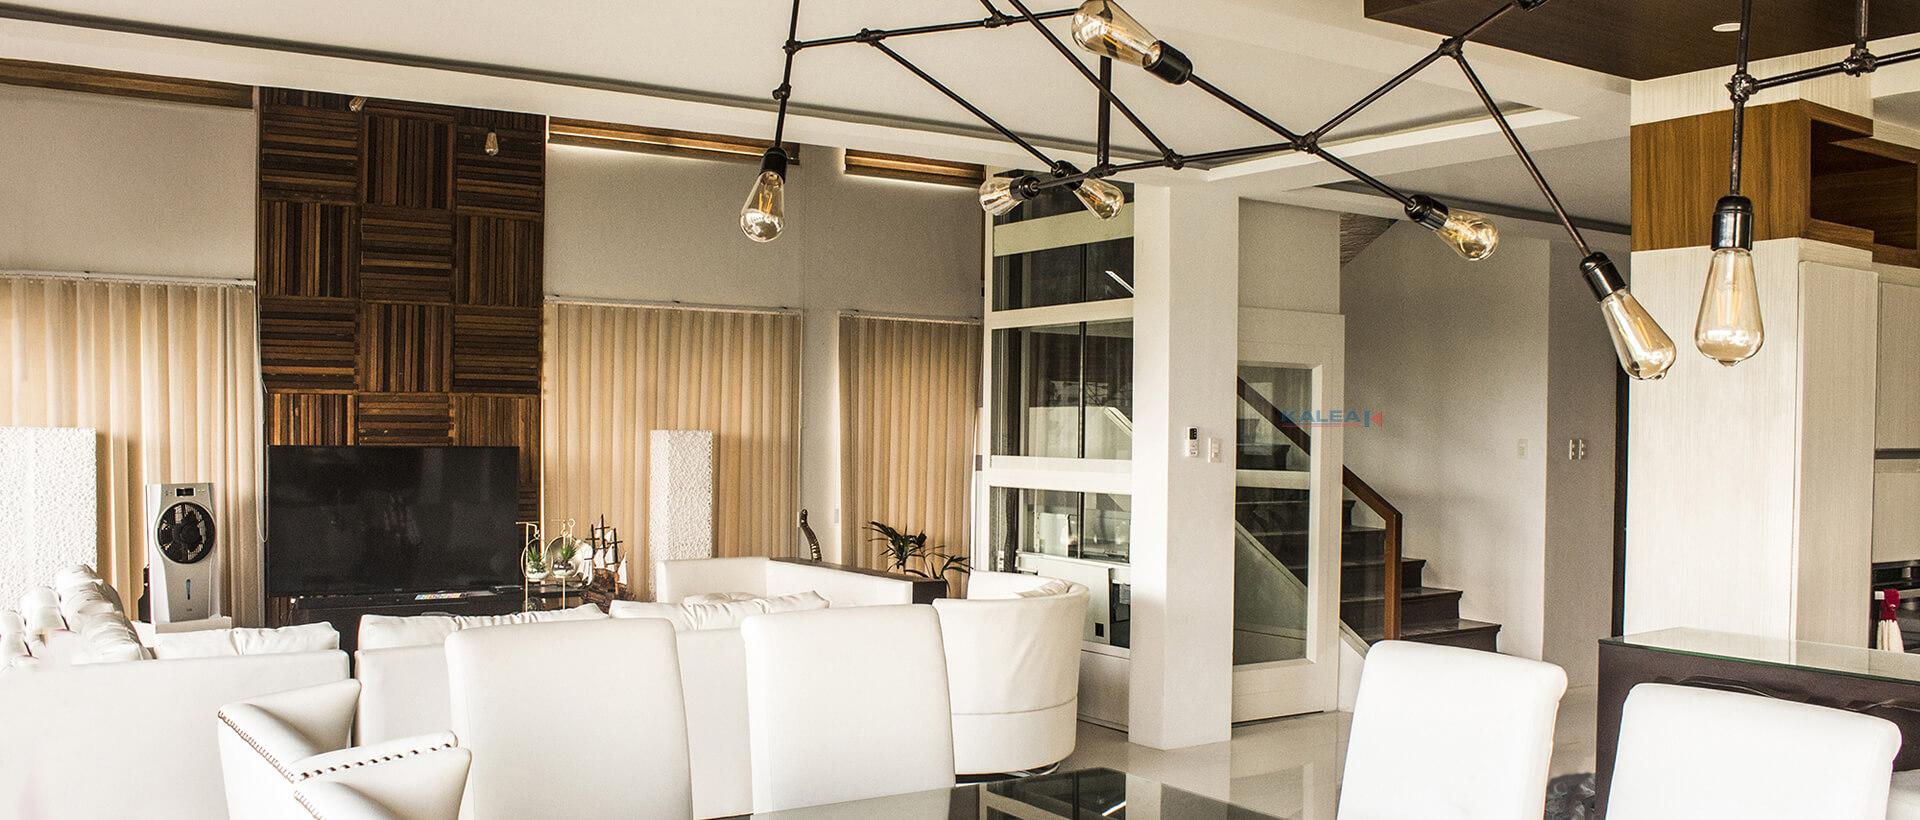 Kalea卡尼亚电梯,瑞典高性价比进口家用别墅电梯